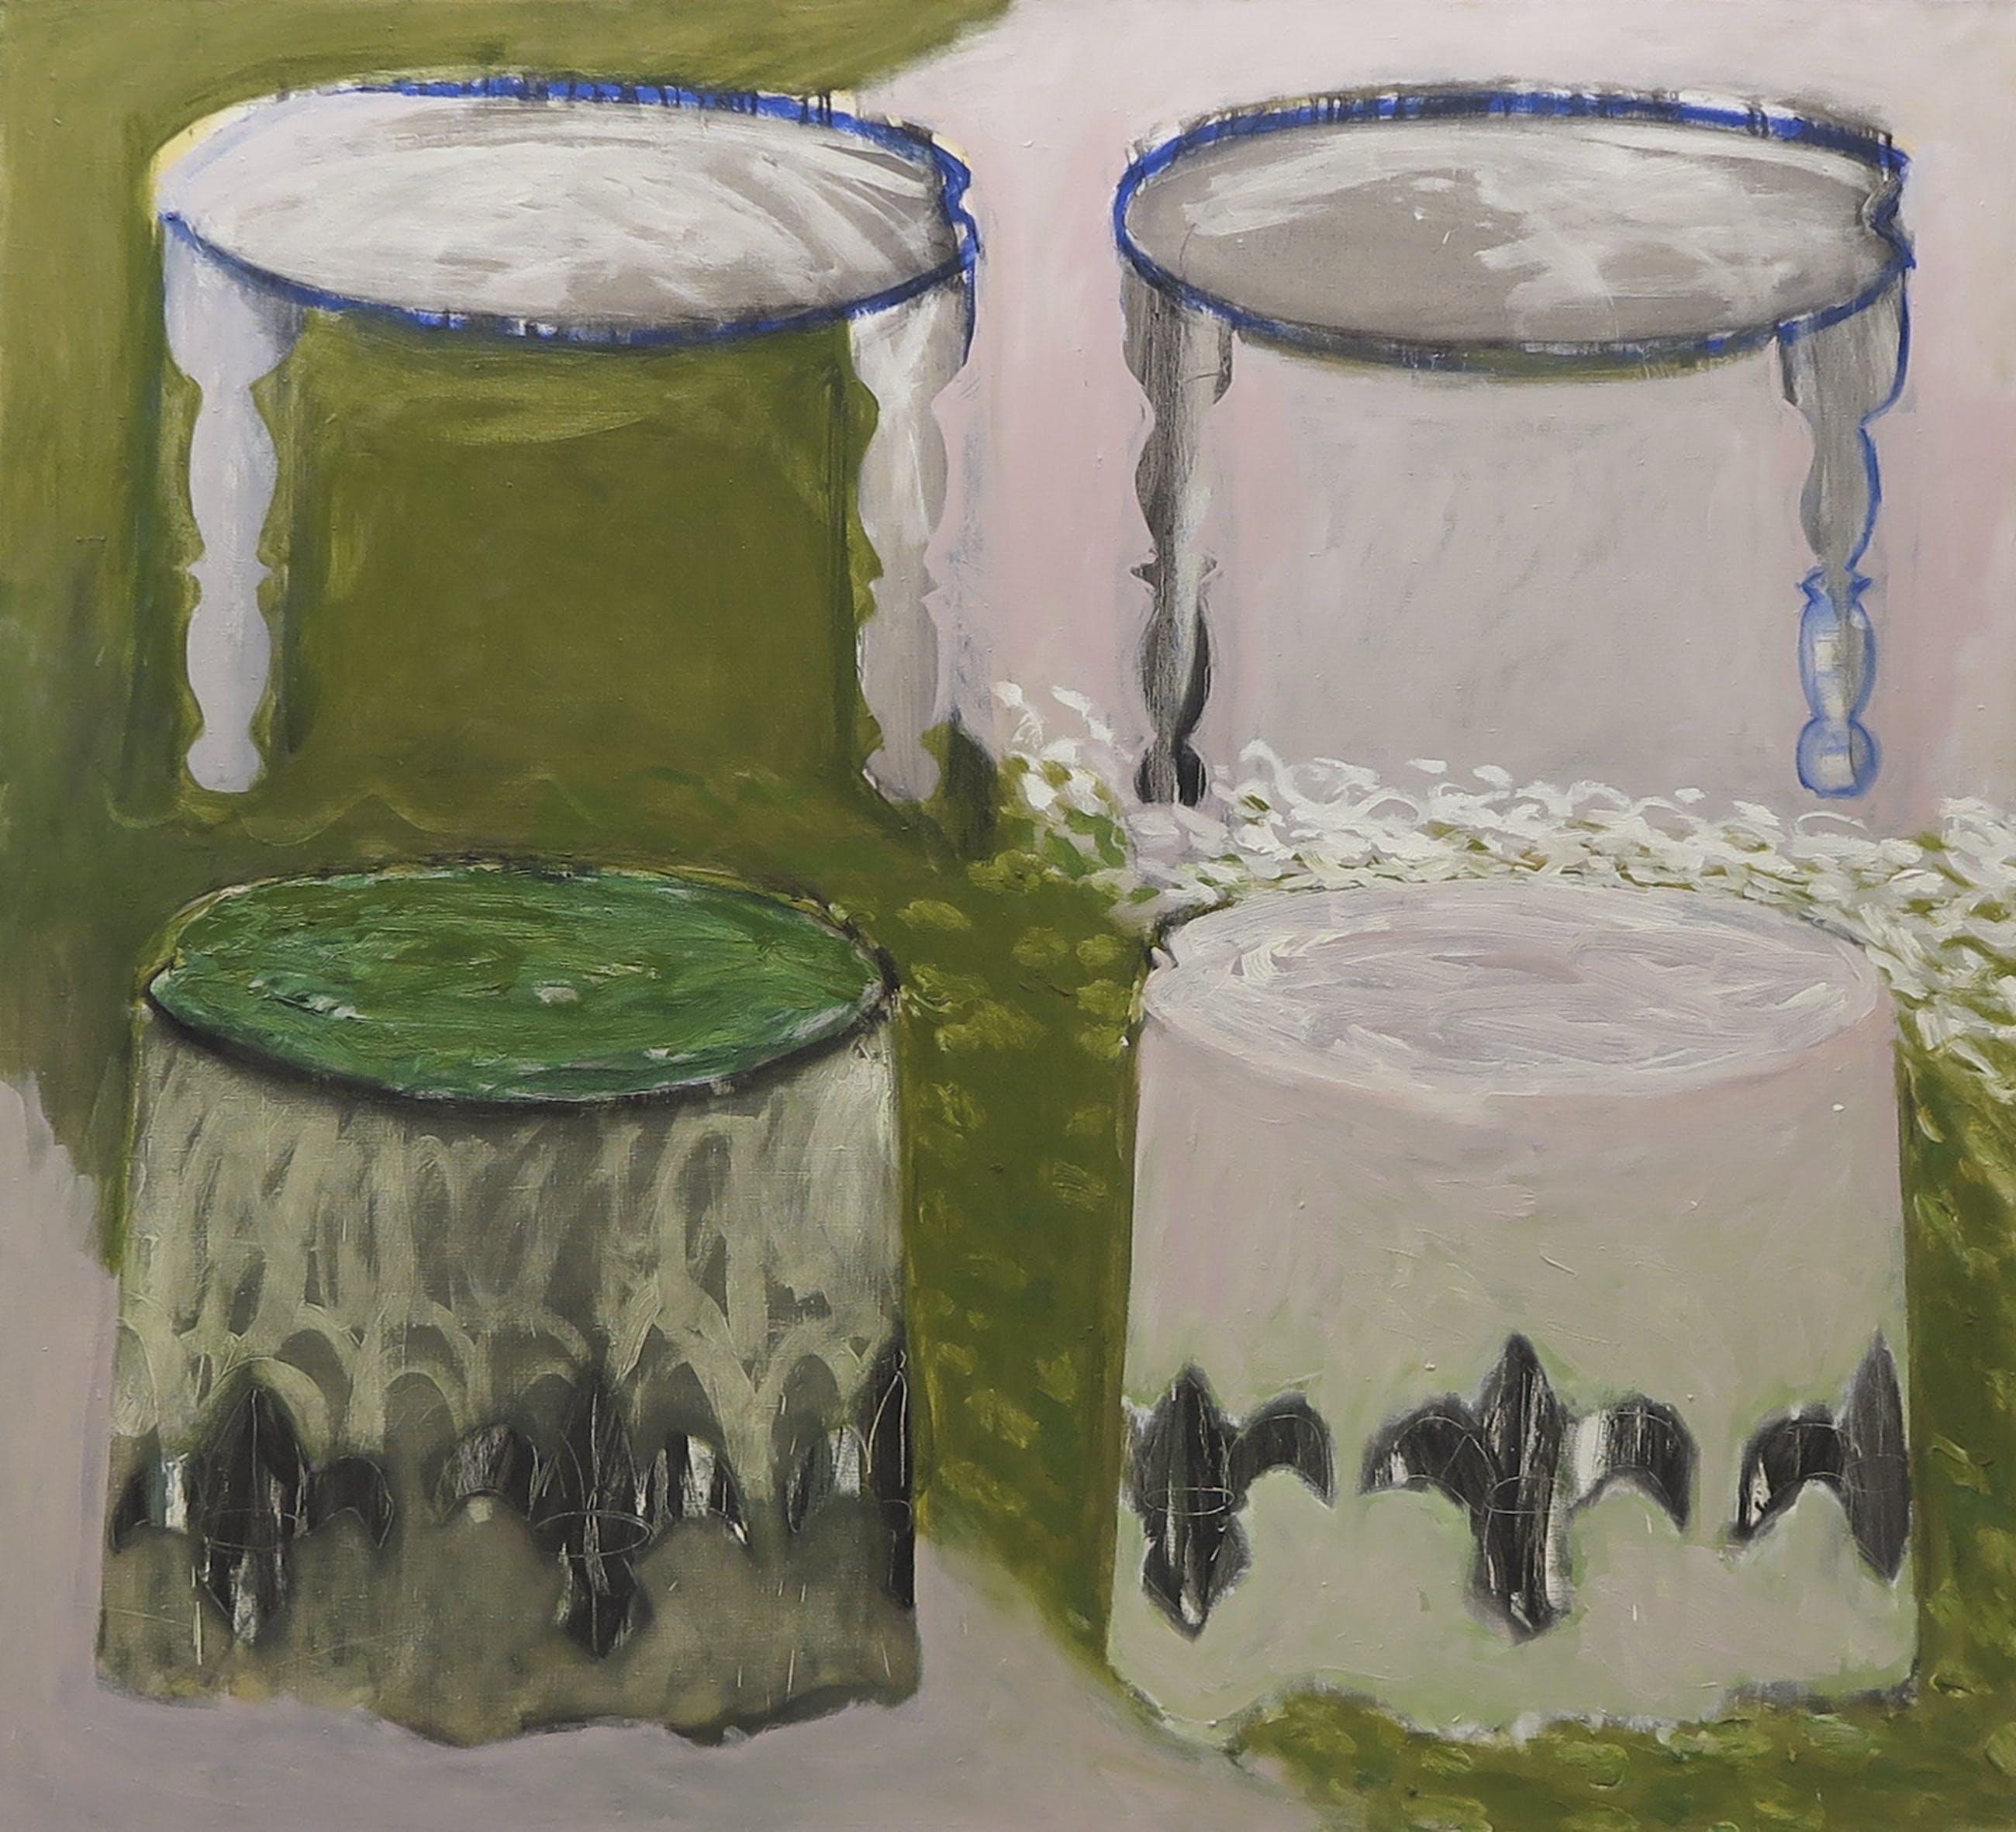 Brigitta ten Berge - Olieverf op doek, Compositie met tafels - Ingelijst (Zeer Groot) kopen? Bied vanaf 1!